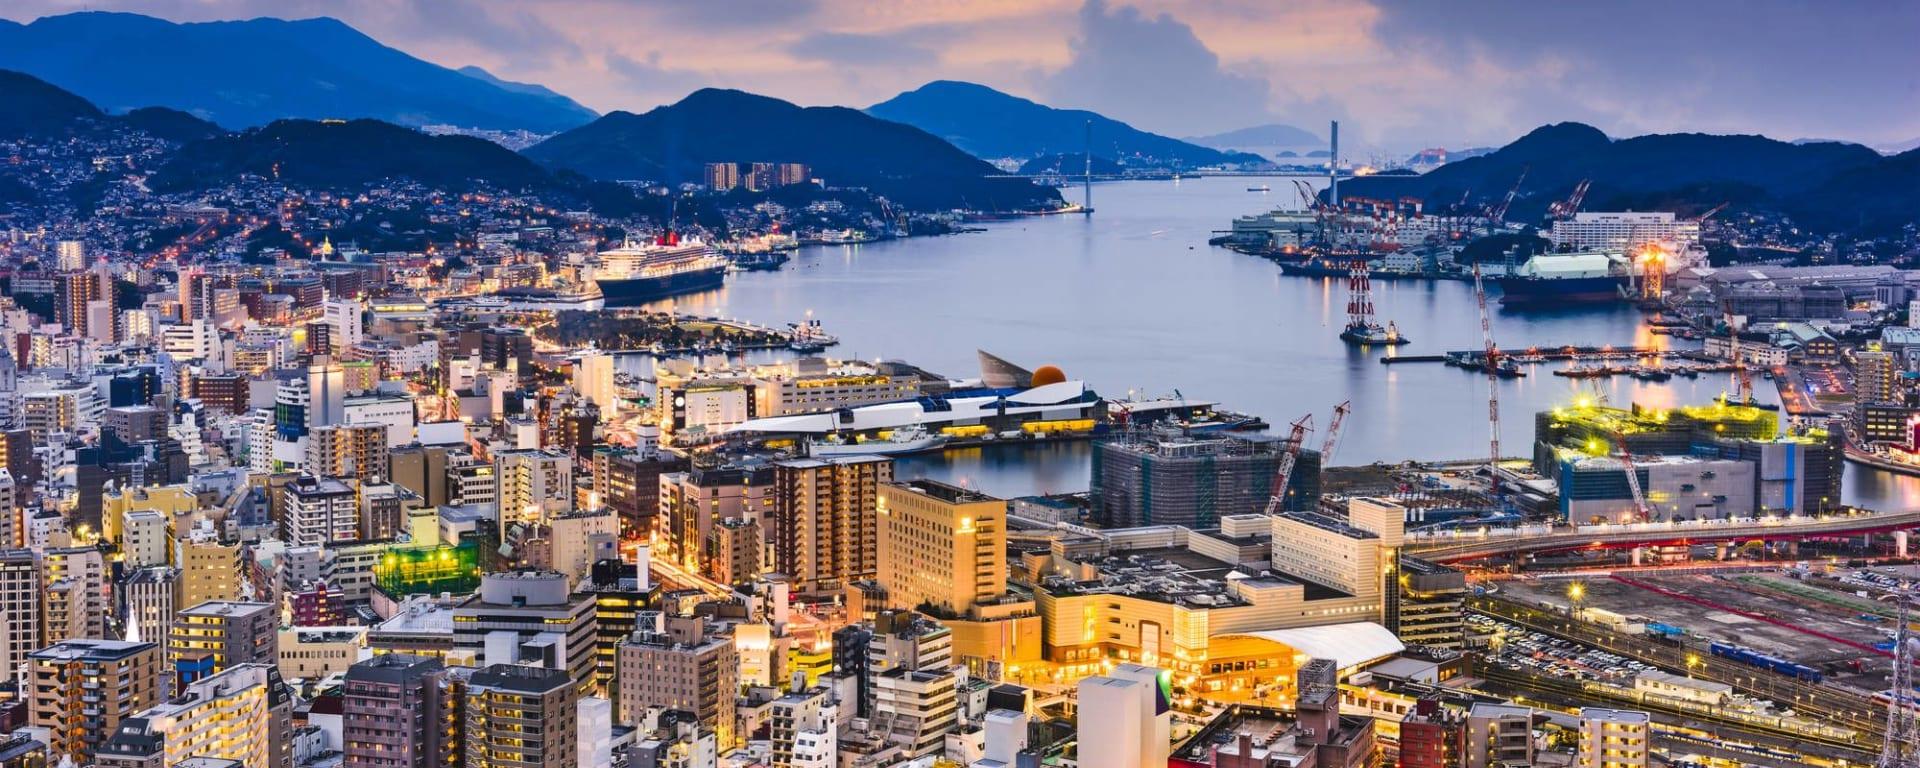 Le Japon sur de nouveaux chemins avec prolongation de Osaka: Nagasaki at dusk